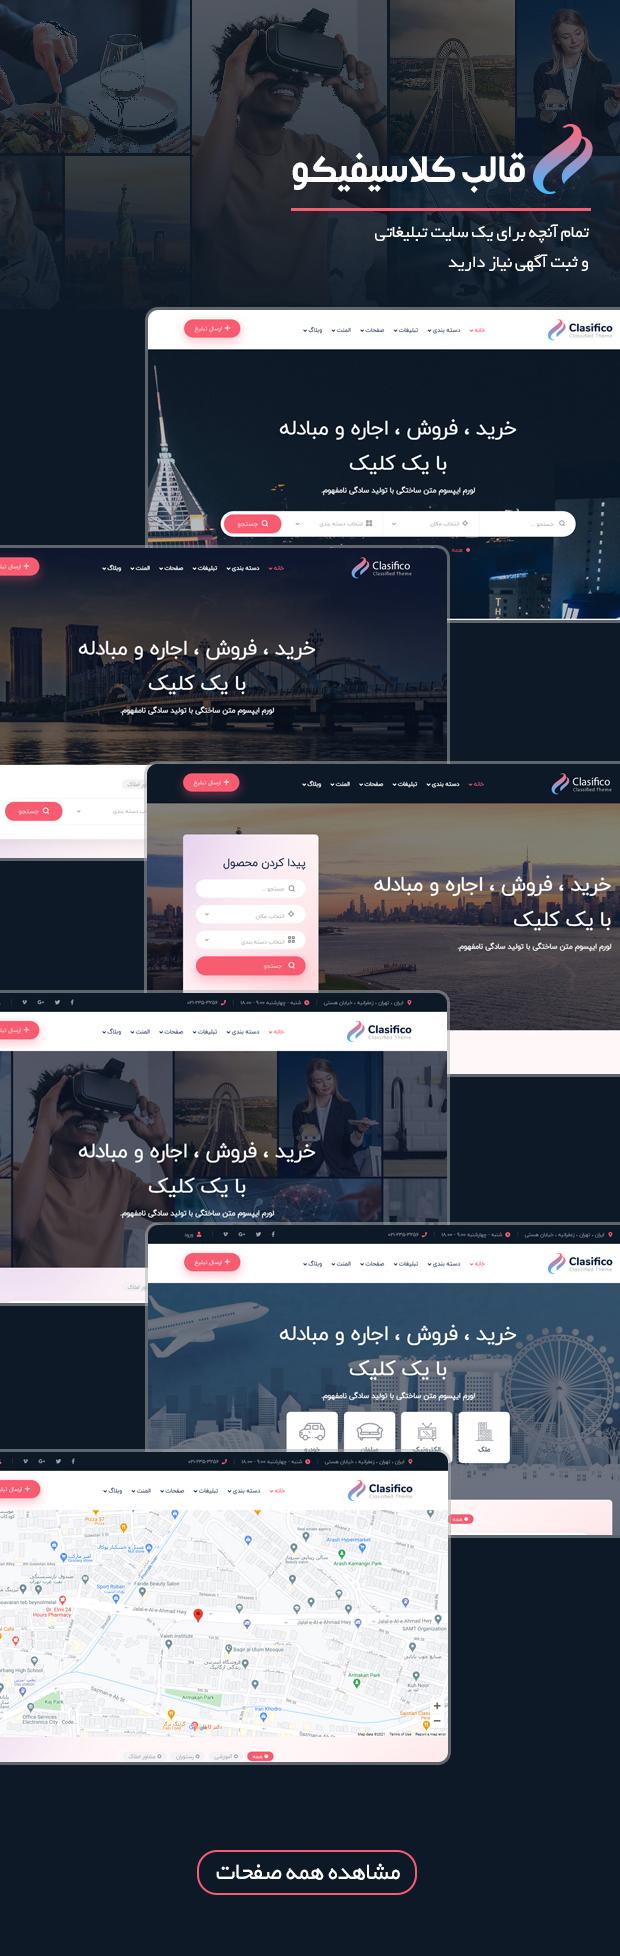 قالب HTML ثبت آگهی و تبلیغات کلاسیفیکو